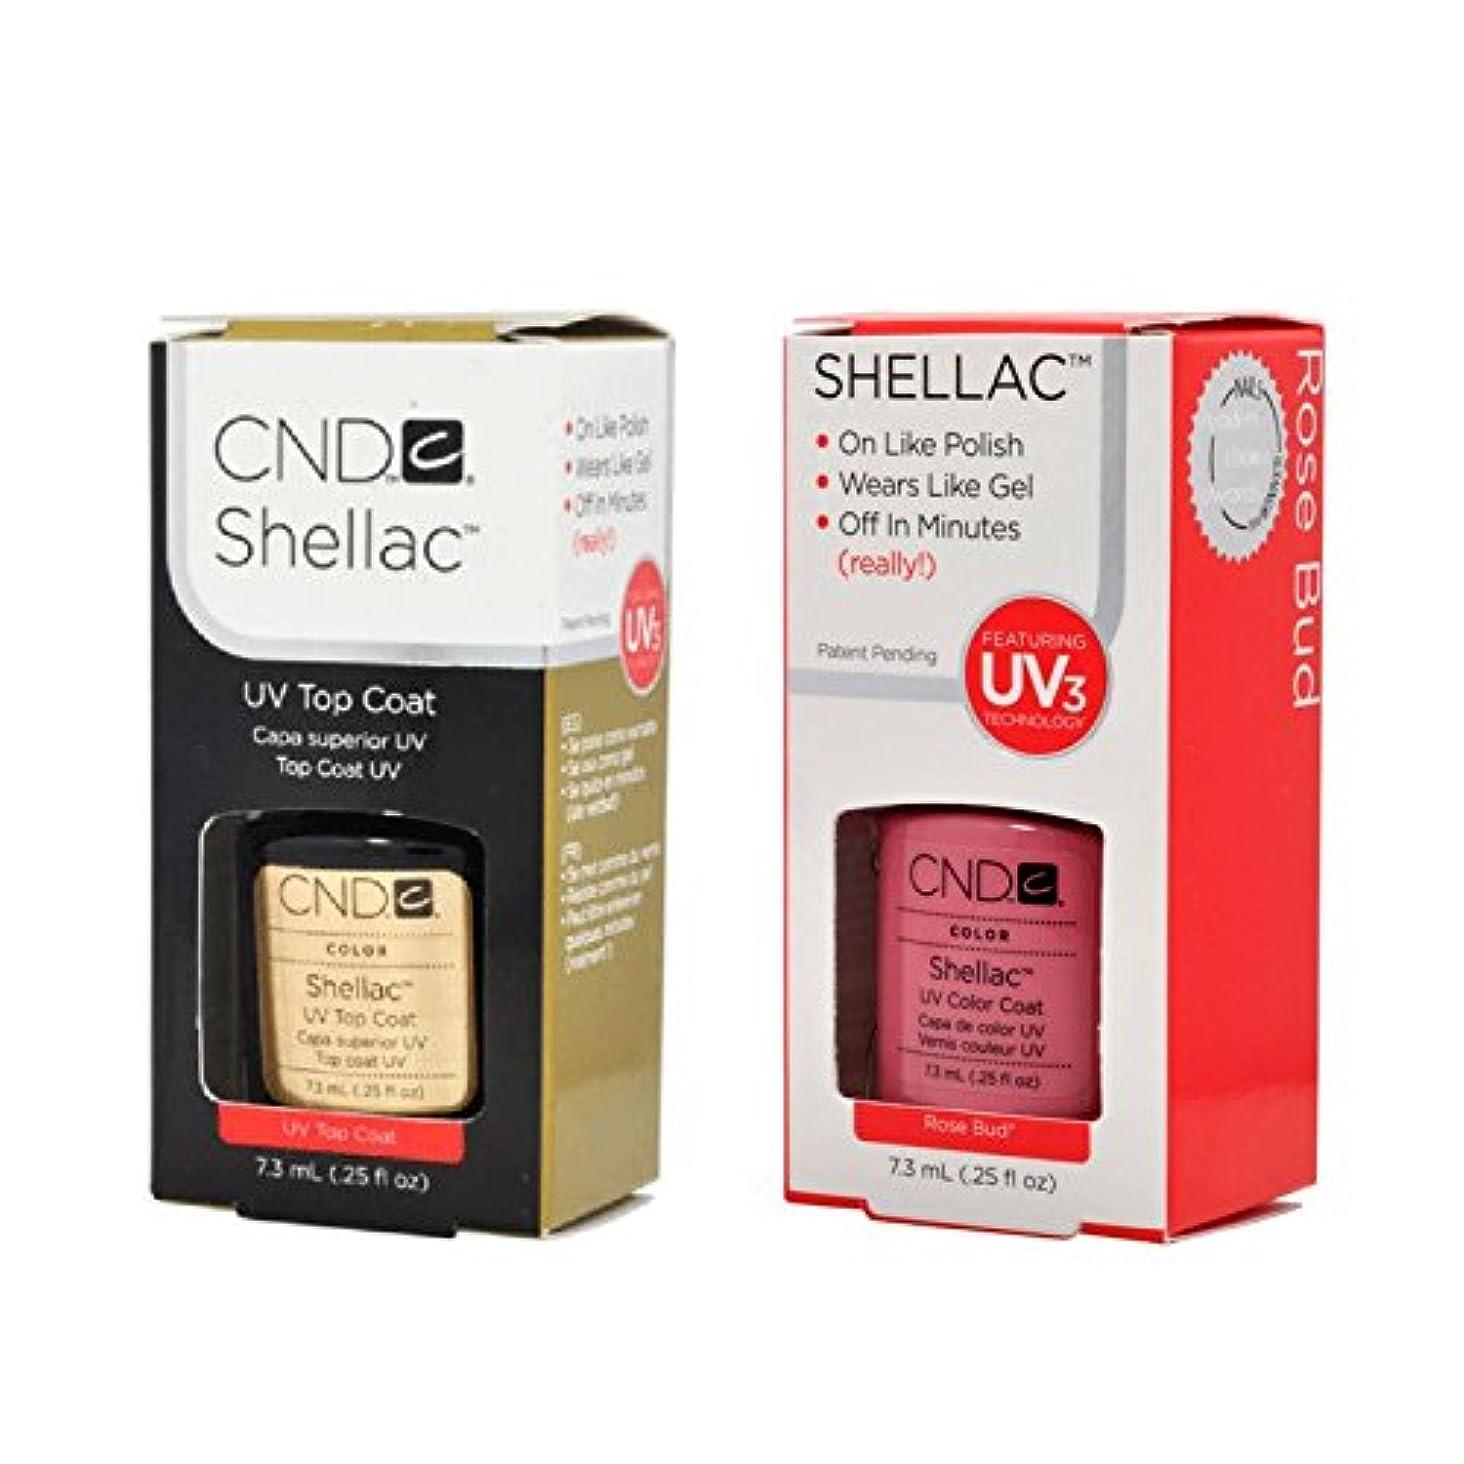 コンプリート木製腐食するCND Shellac UVトップコート 7.3m l  &  UV カラーコー< Rose Bud>7.3ml [海外直送品]